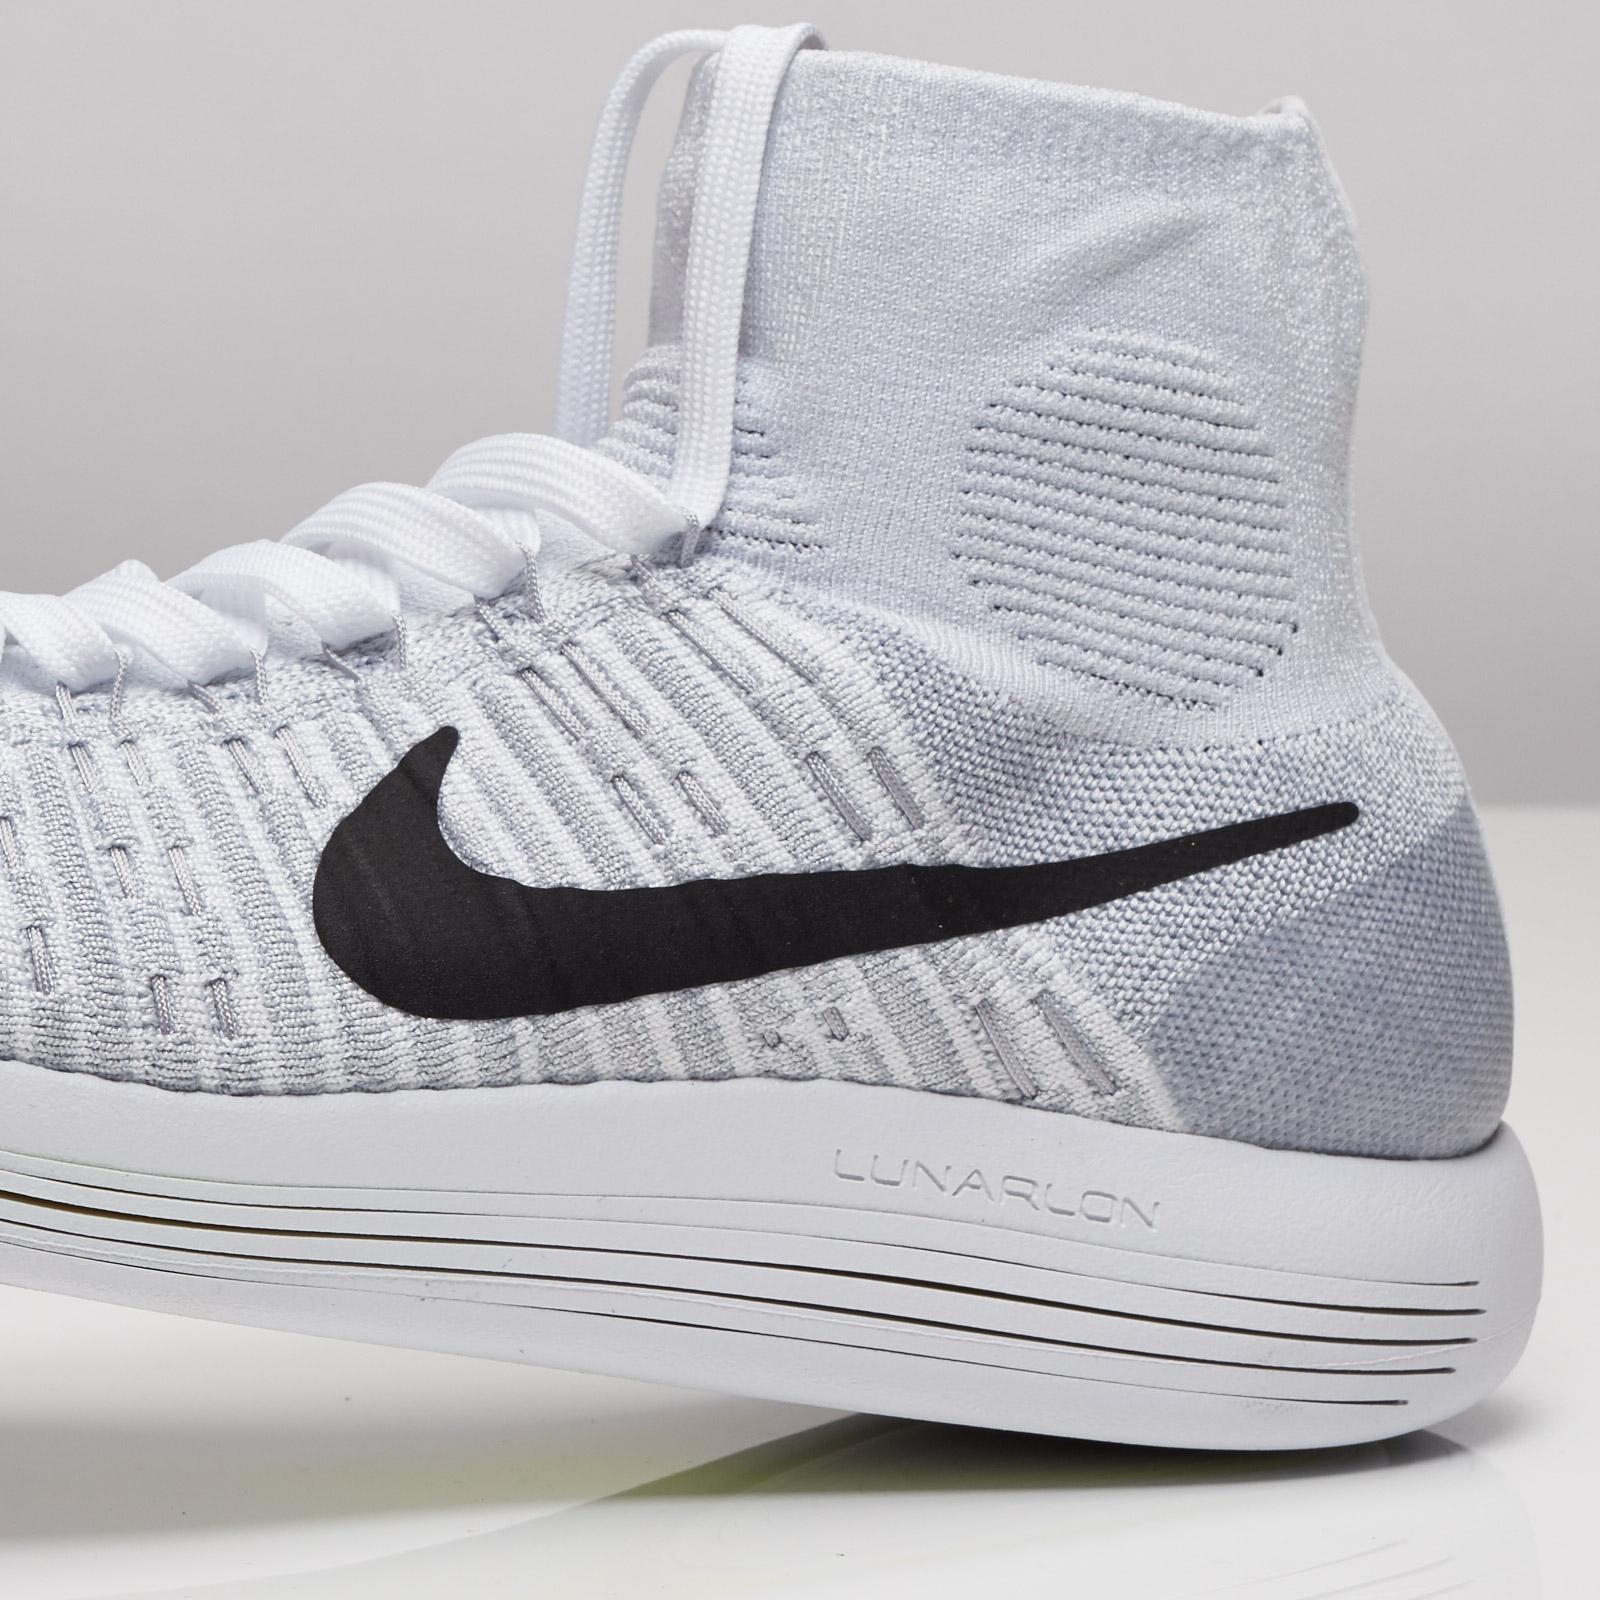 e4c3ed755aba Nike Lunarepic Flyknit - 818676-102 - Sneakersnstuff